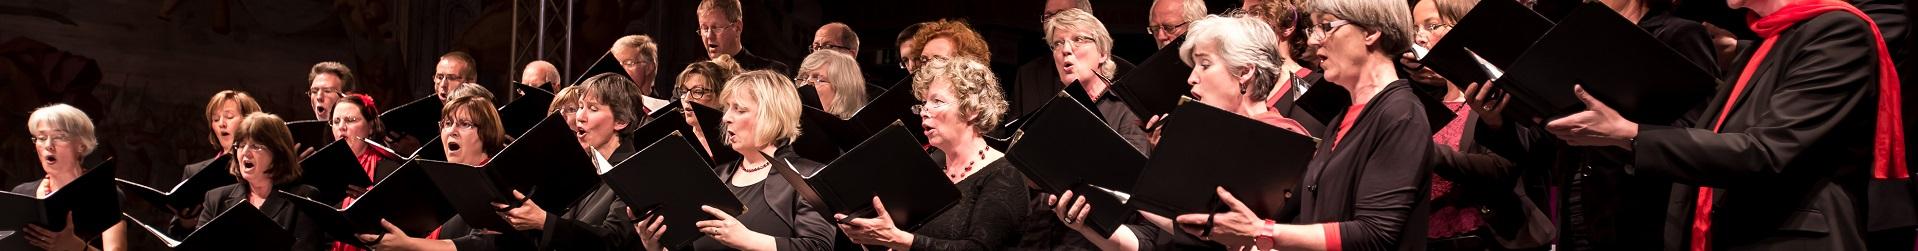 Camerata Vocale Hannover